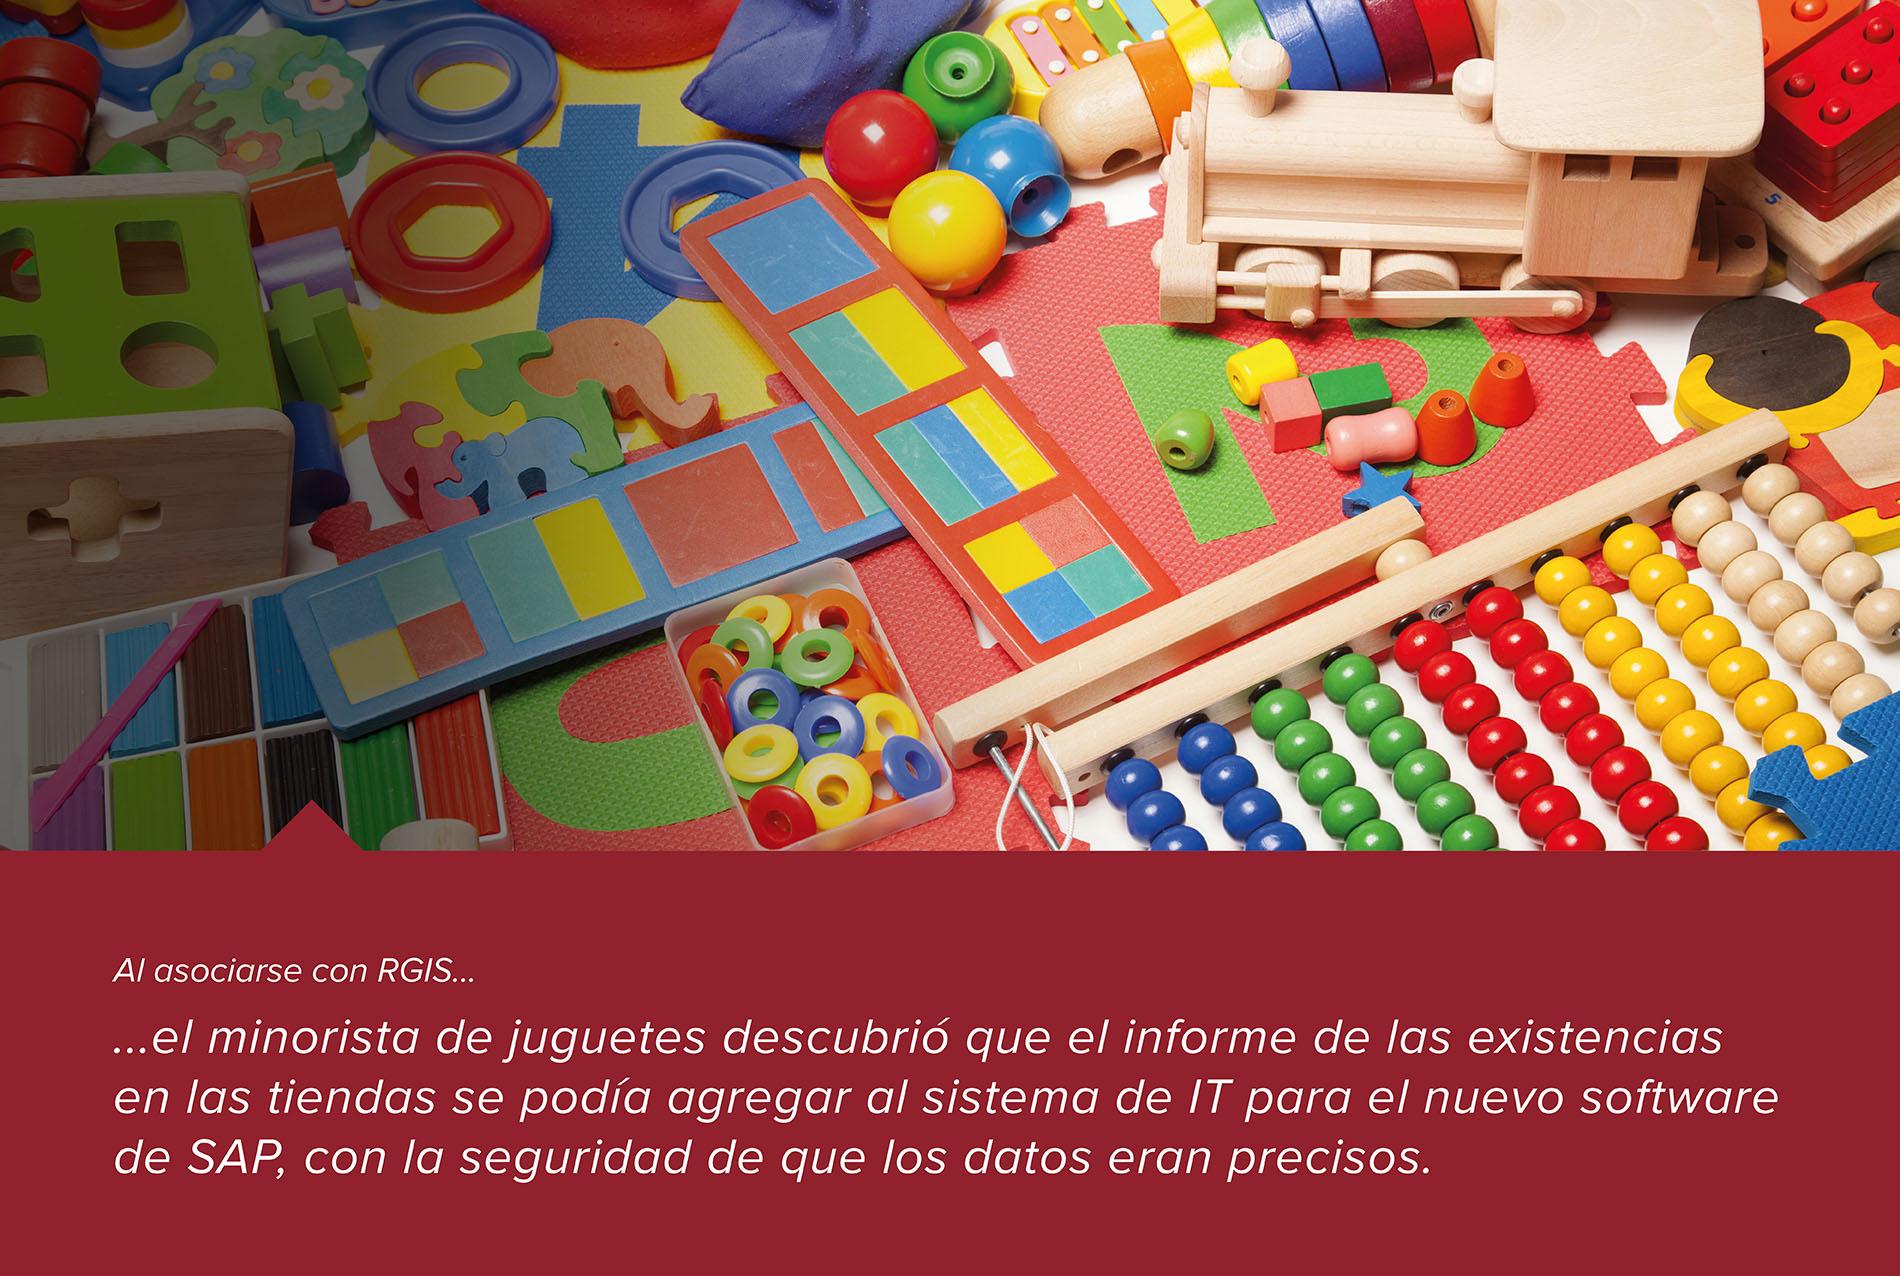 Inventario de múltiples tiendas de juguetes por migración al software SAP